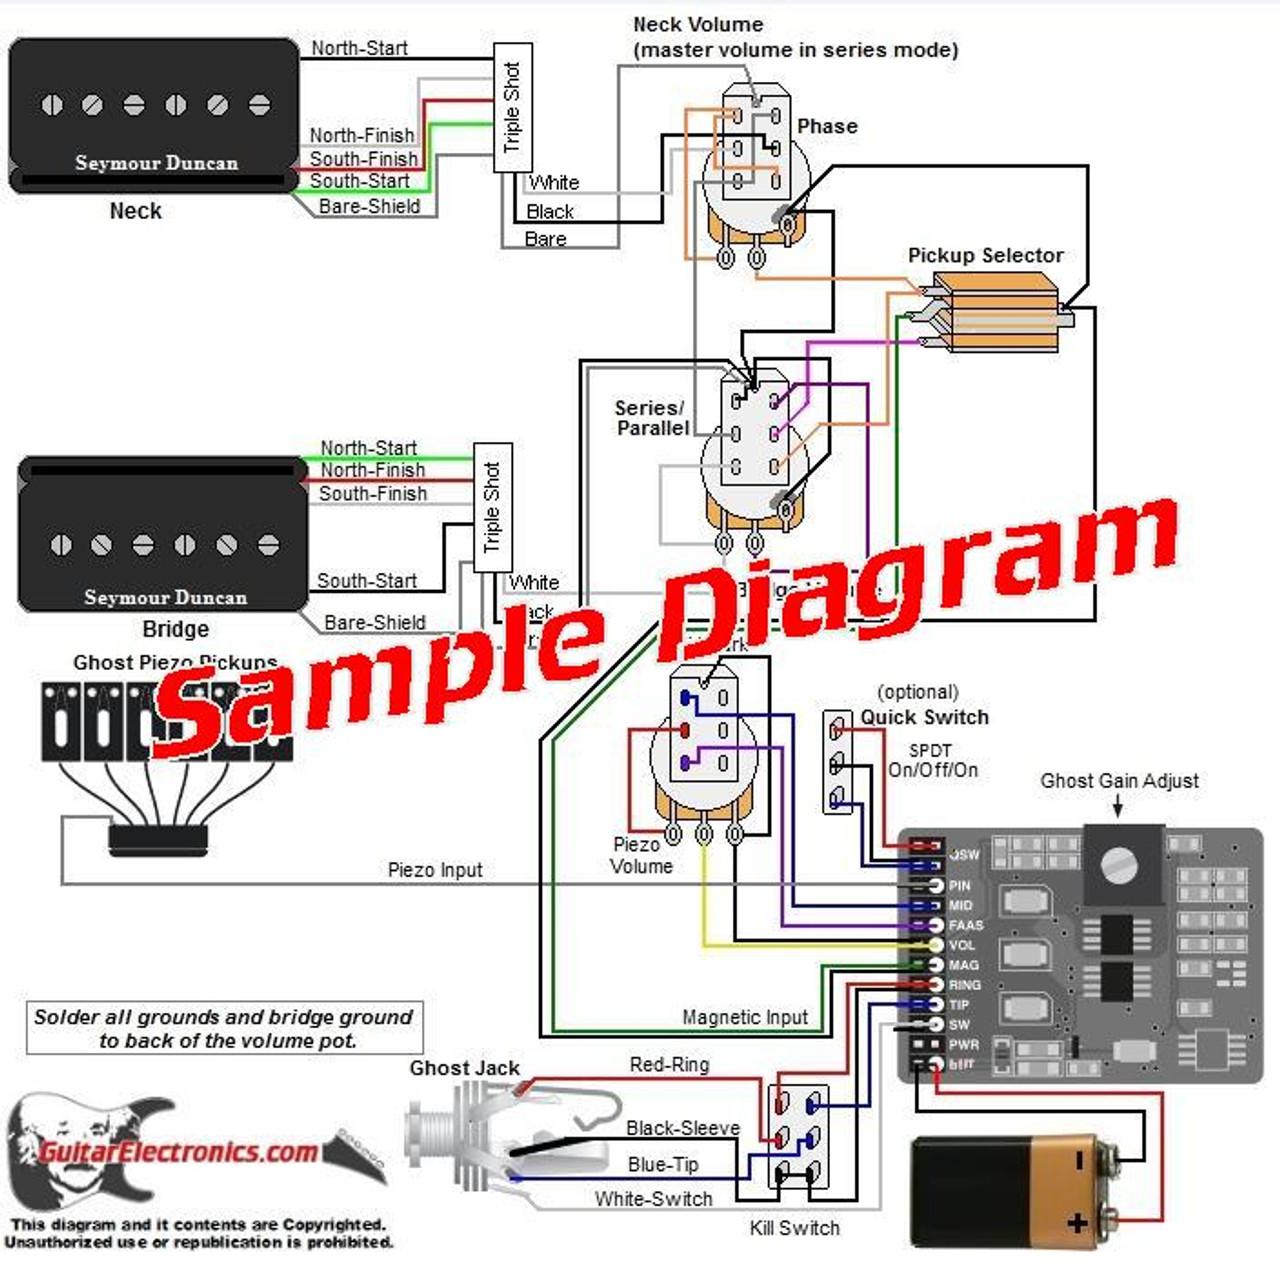 2 Pickup Custom Designed Guitar Wiring Diagrams | Guitar Wiring Diagrams 2 Pickups 1 Piezo |  | Guitar Electronics